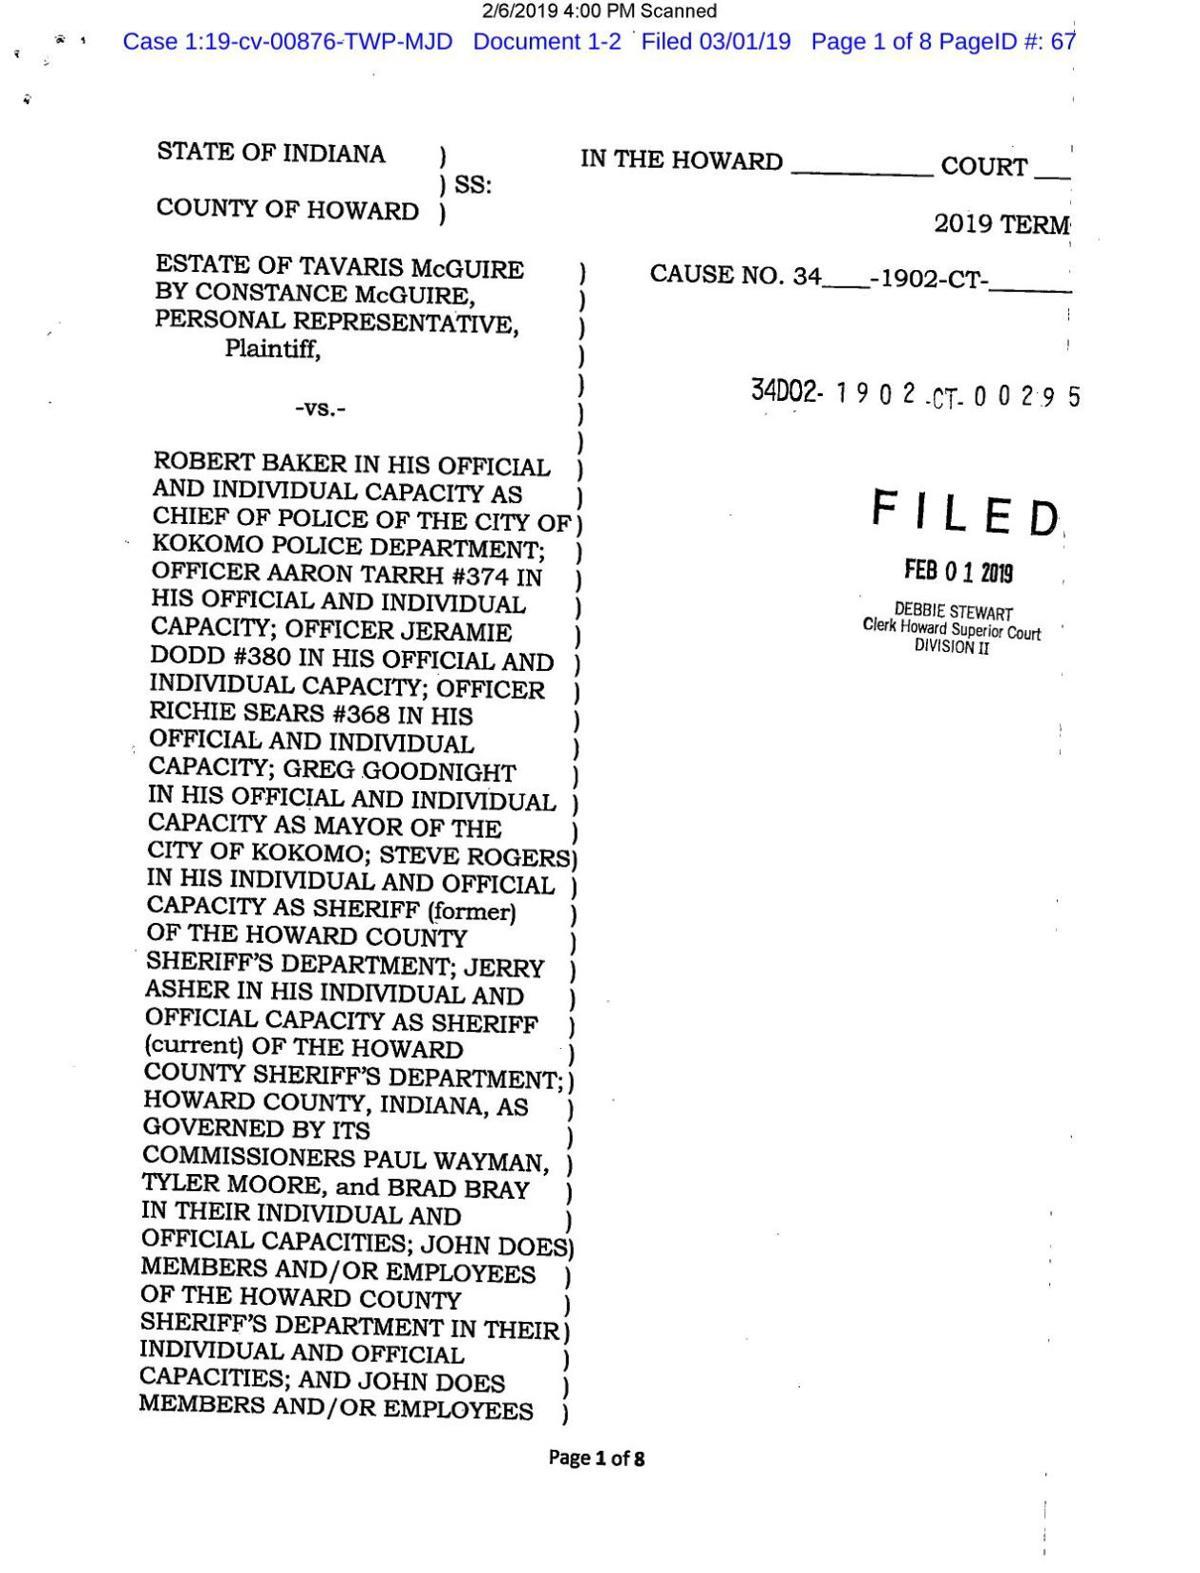 Tavaris McGuire lawsuit